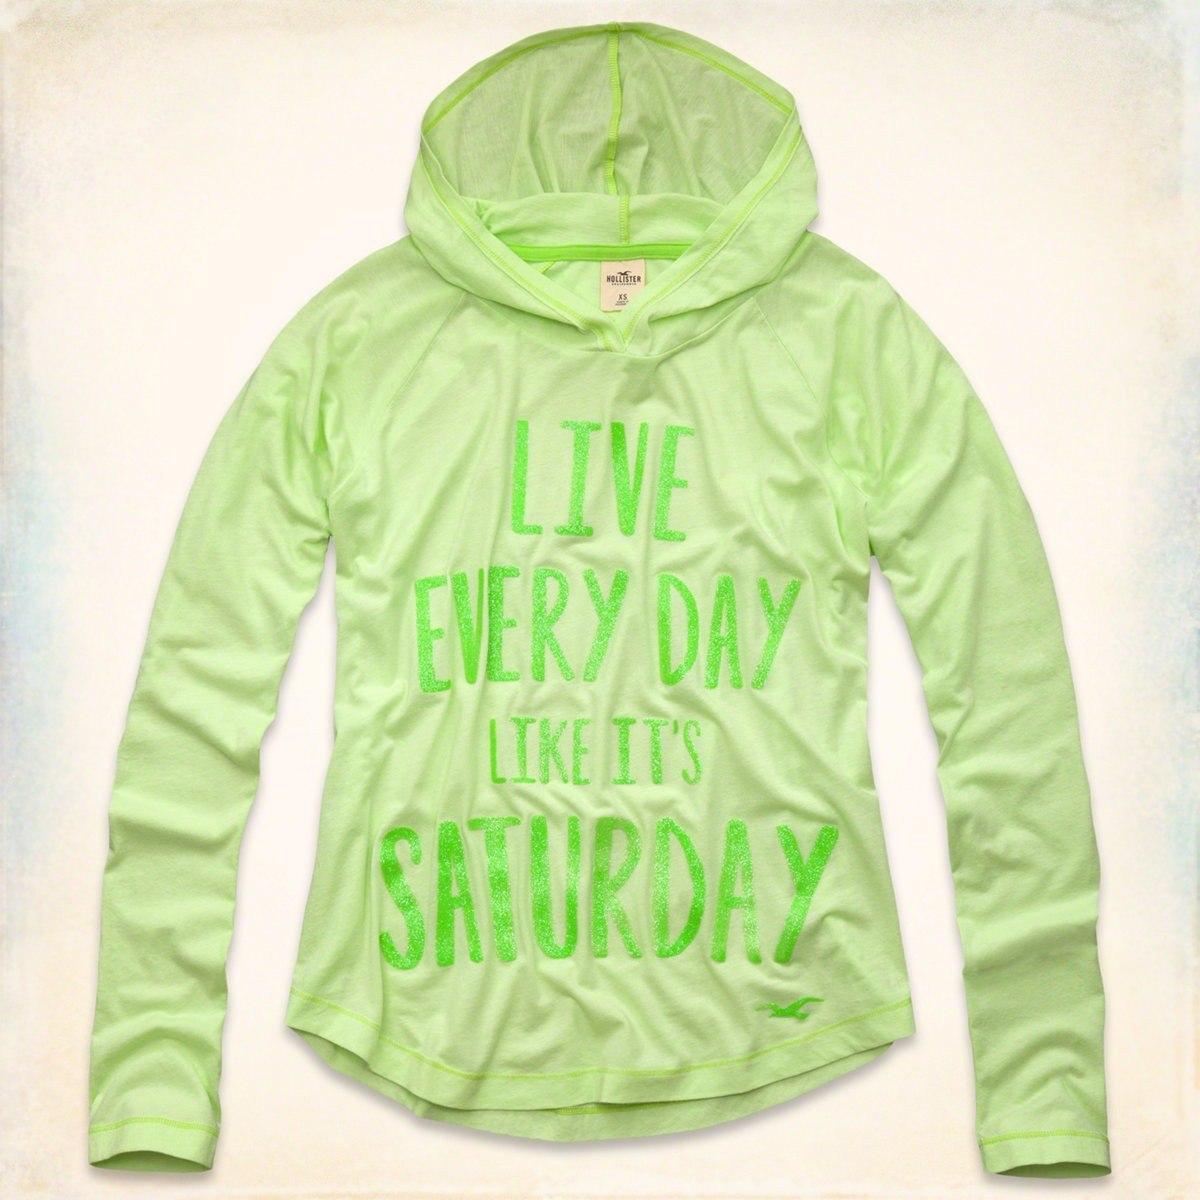 bebc182594 camiseta hollister feminina verde m blusas gap abercrombie. Carregando zoom.